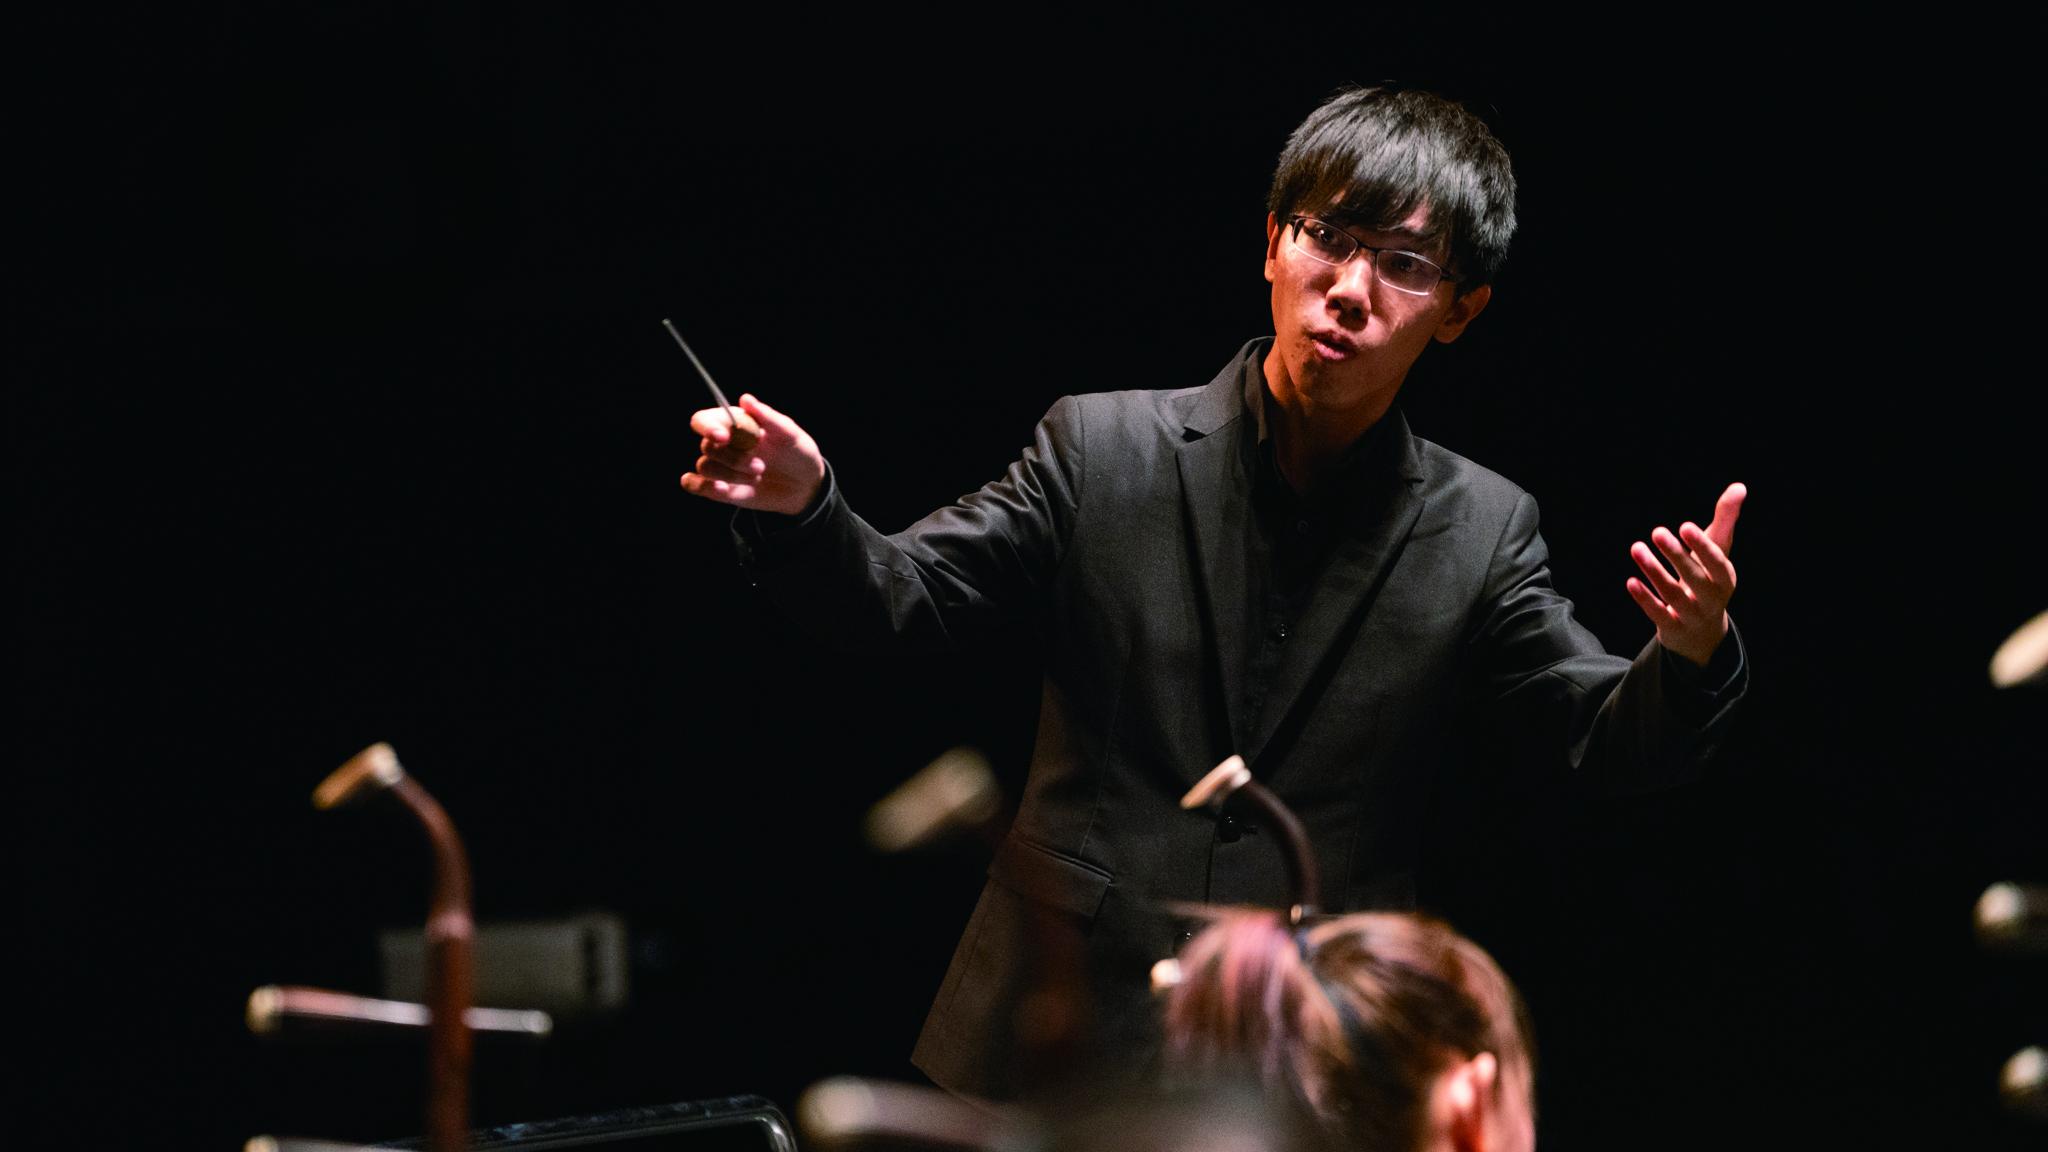 除了《2018菁英爭揮—青年指揮選拔之夜》第一名的殊榮,詹秉翔還獲得由作曲家參與評分的最佳作品演繹獎。.JPG